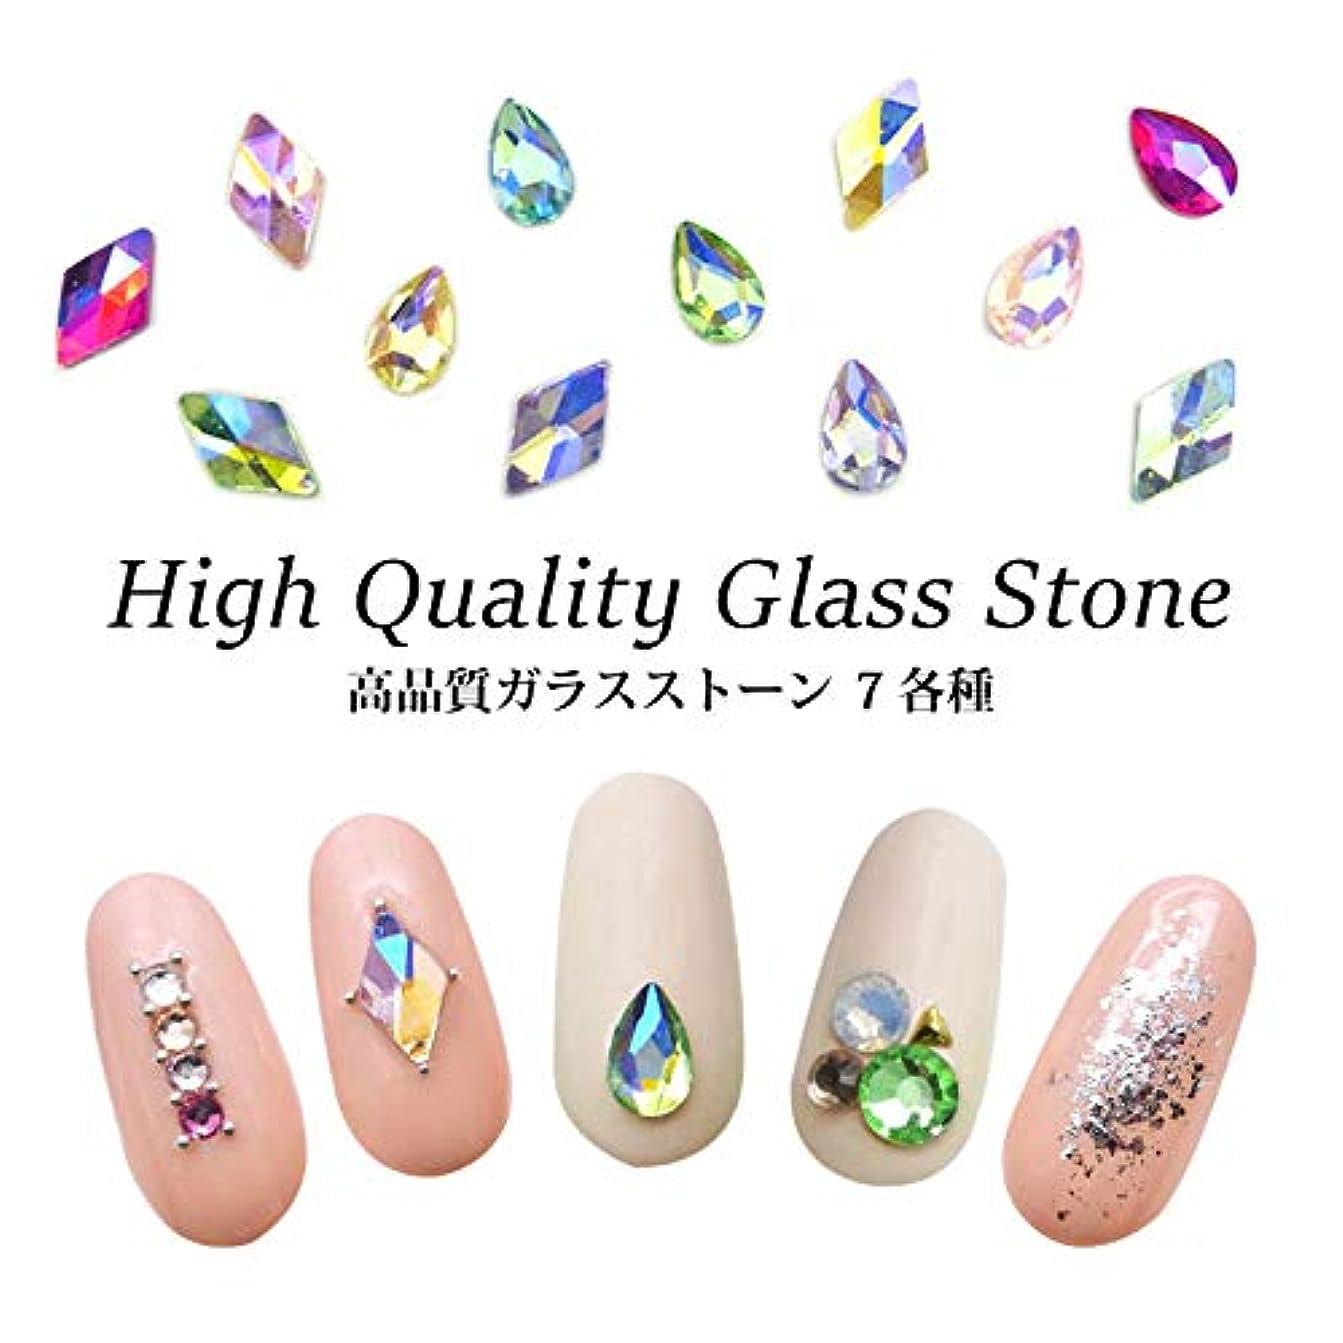 サイレンログの面では高品質 ガラスストーン 7 各種 5個入り (ランバス, 6.ローズブルームーン)